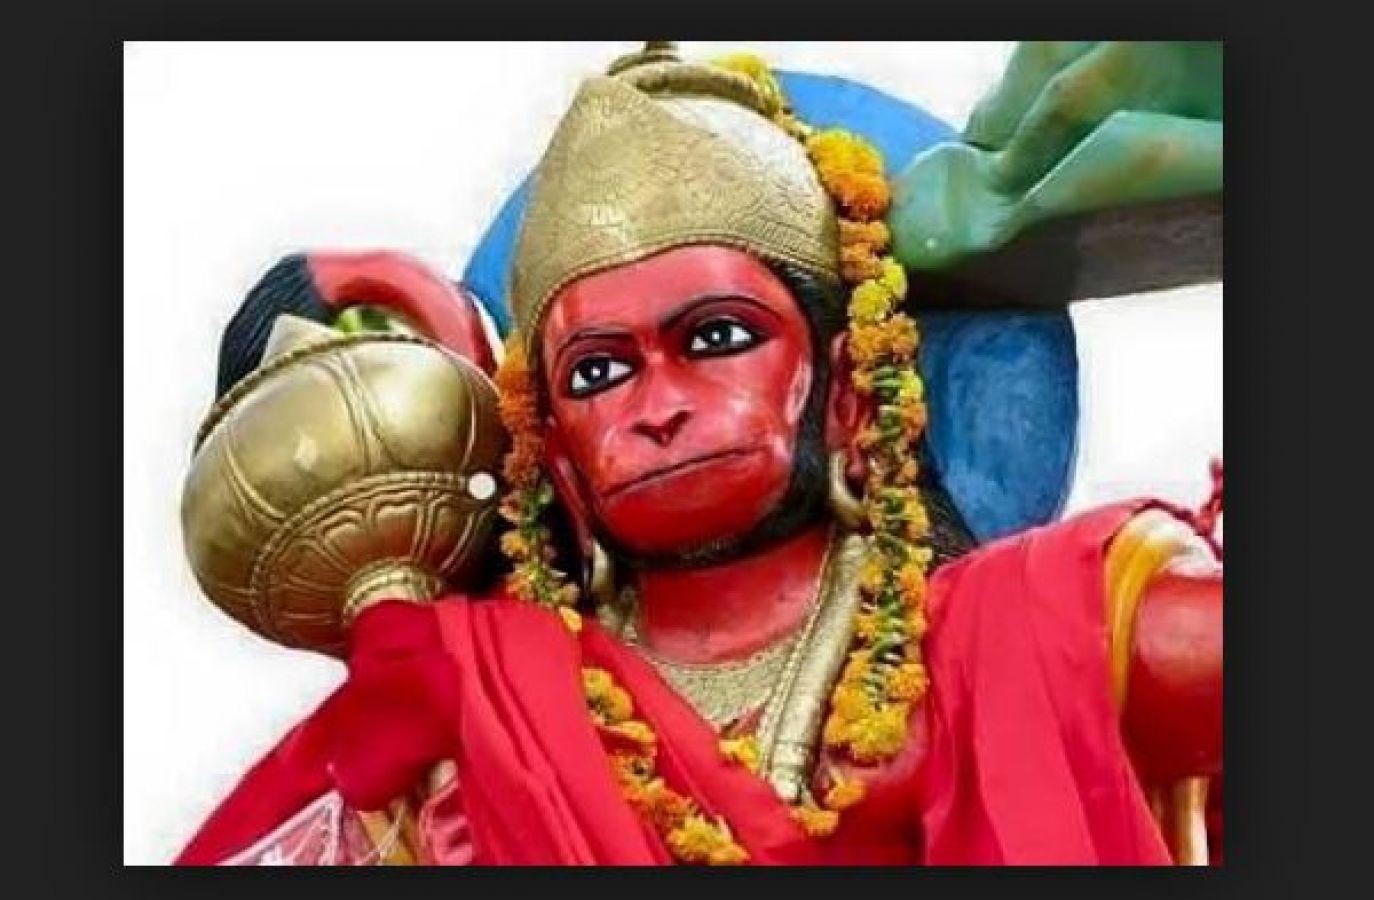 इस वजह से सिंदूर बहुत पसंद करते हैं भगवान हनुमान